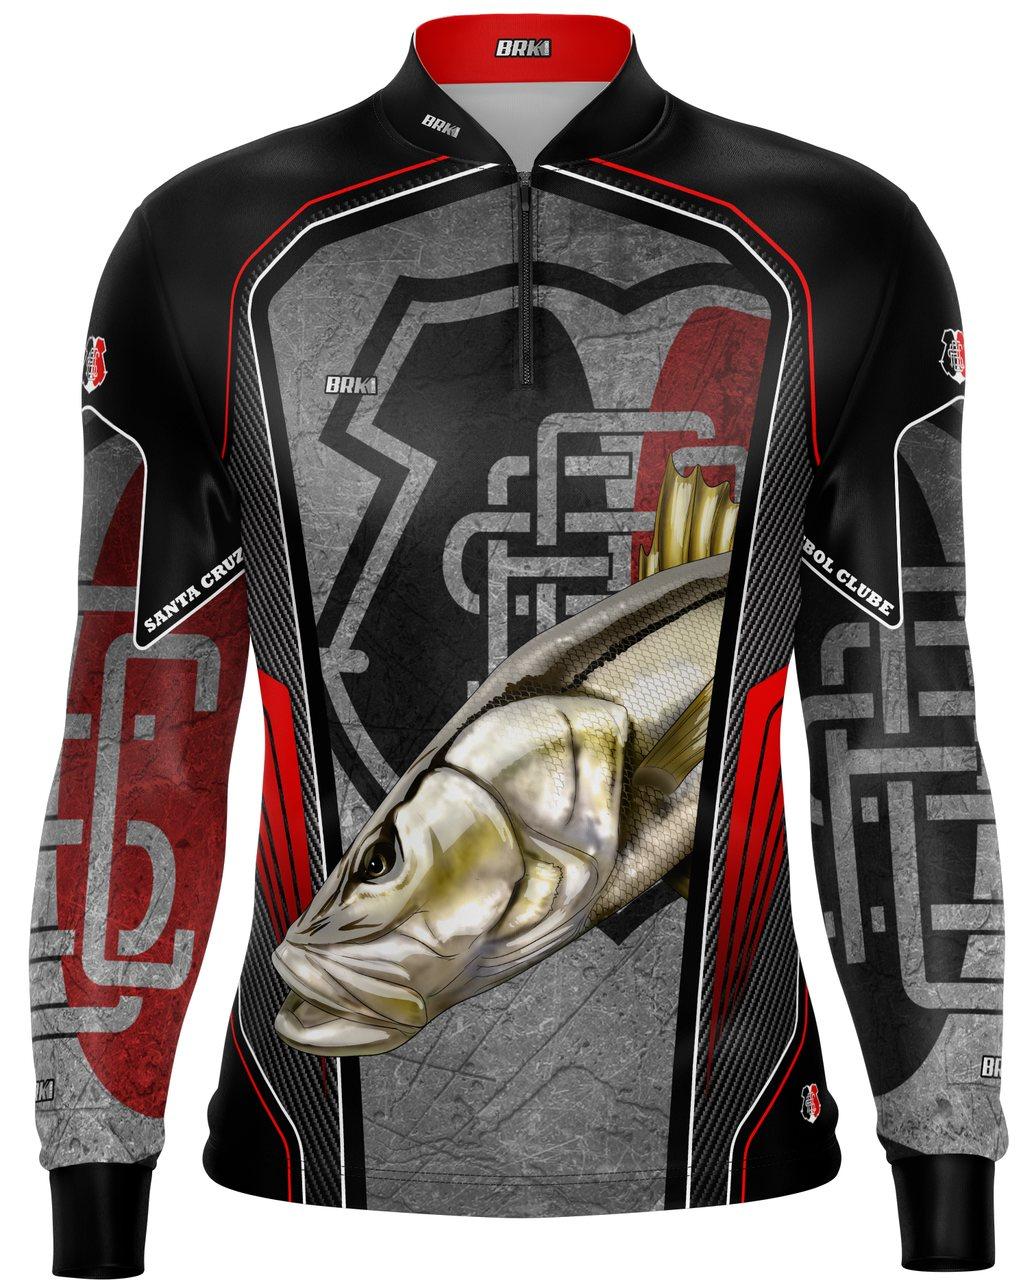 Camisa de Pesca Brk Robalo Futebol 33 com fpu 50+